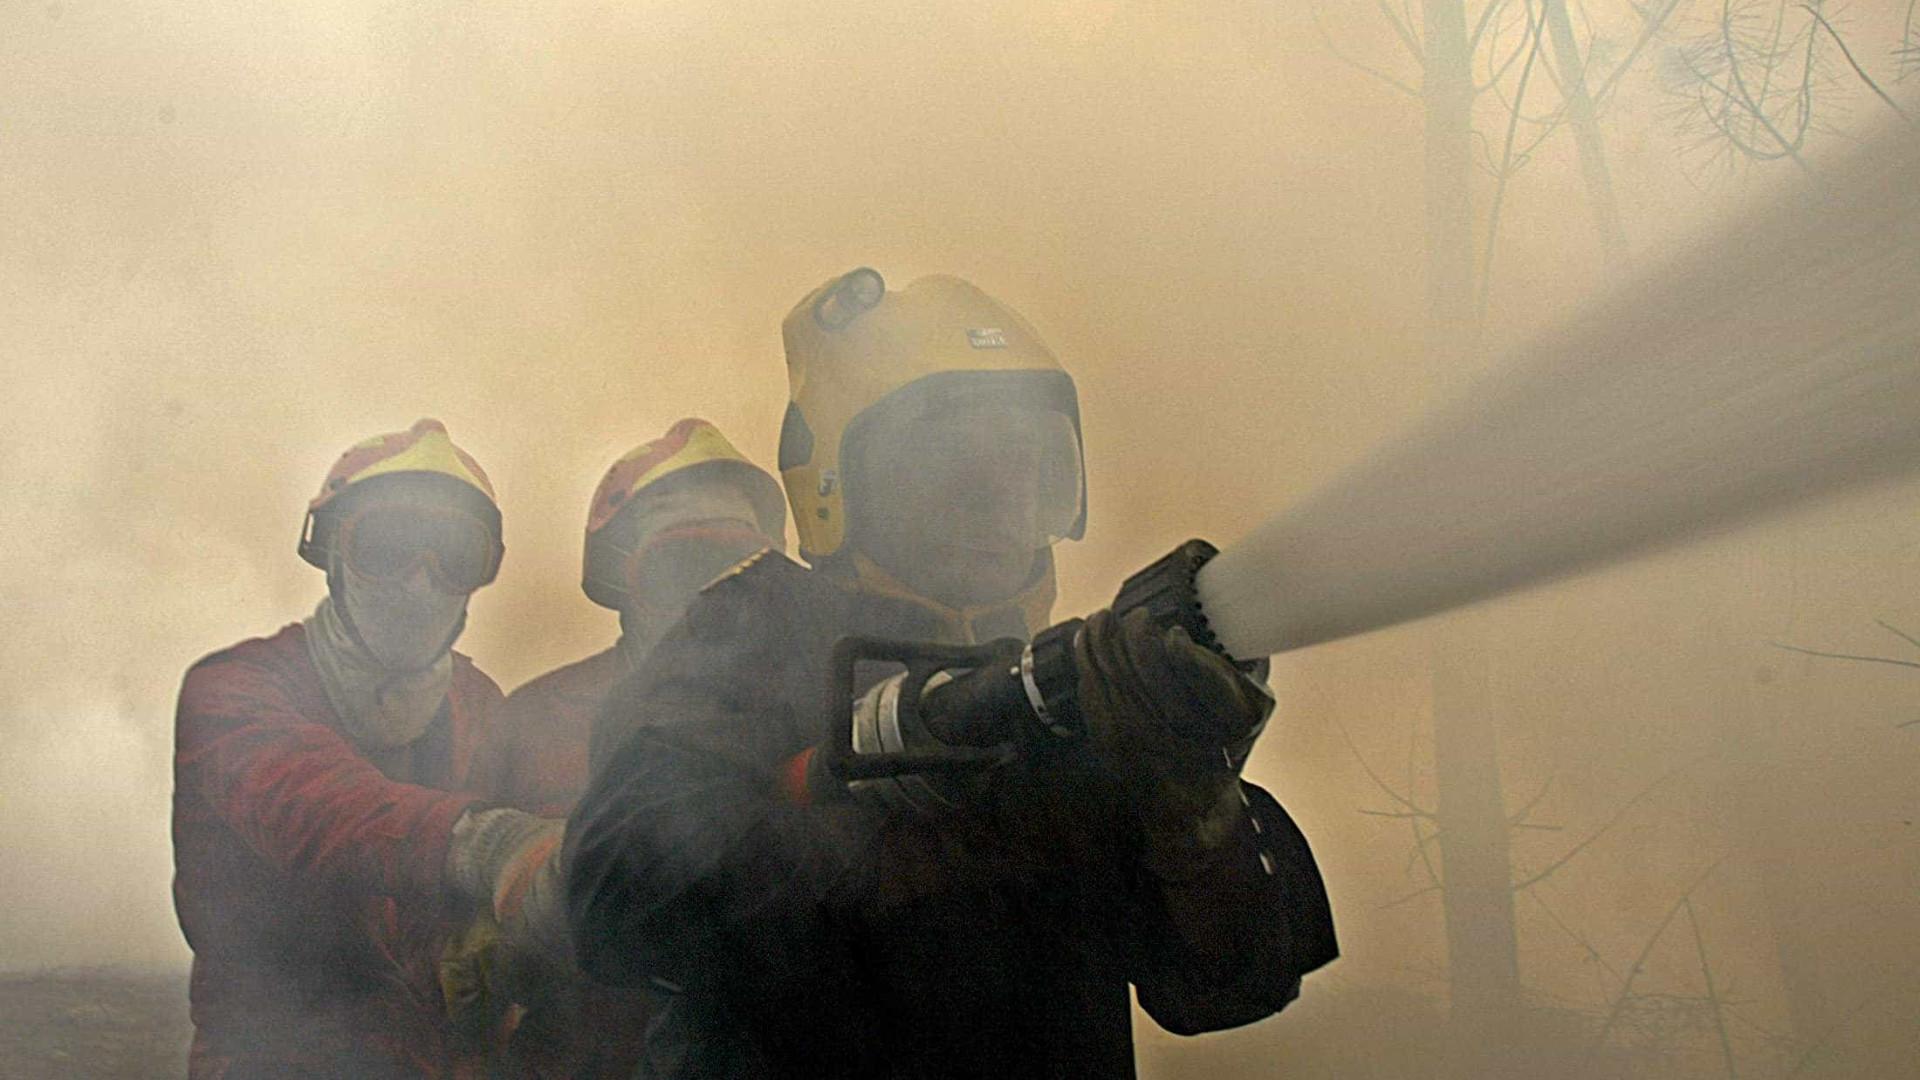 Portugal com 168 incêndios às 19h combatidos por 691 operacionais